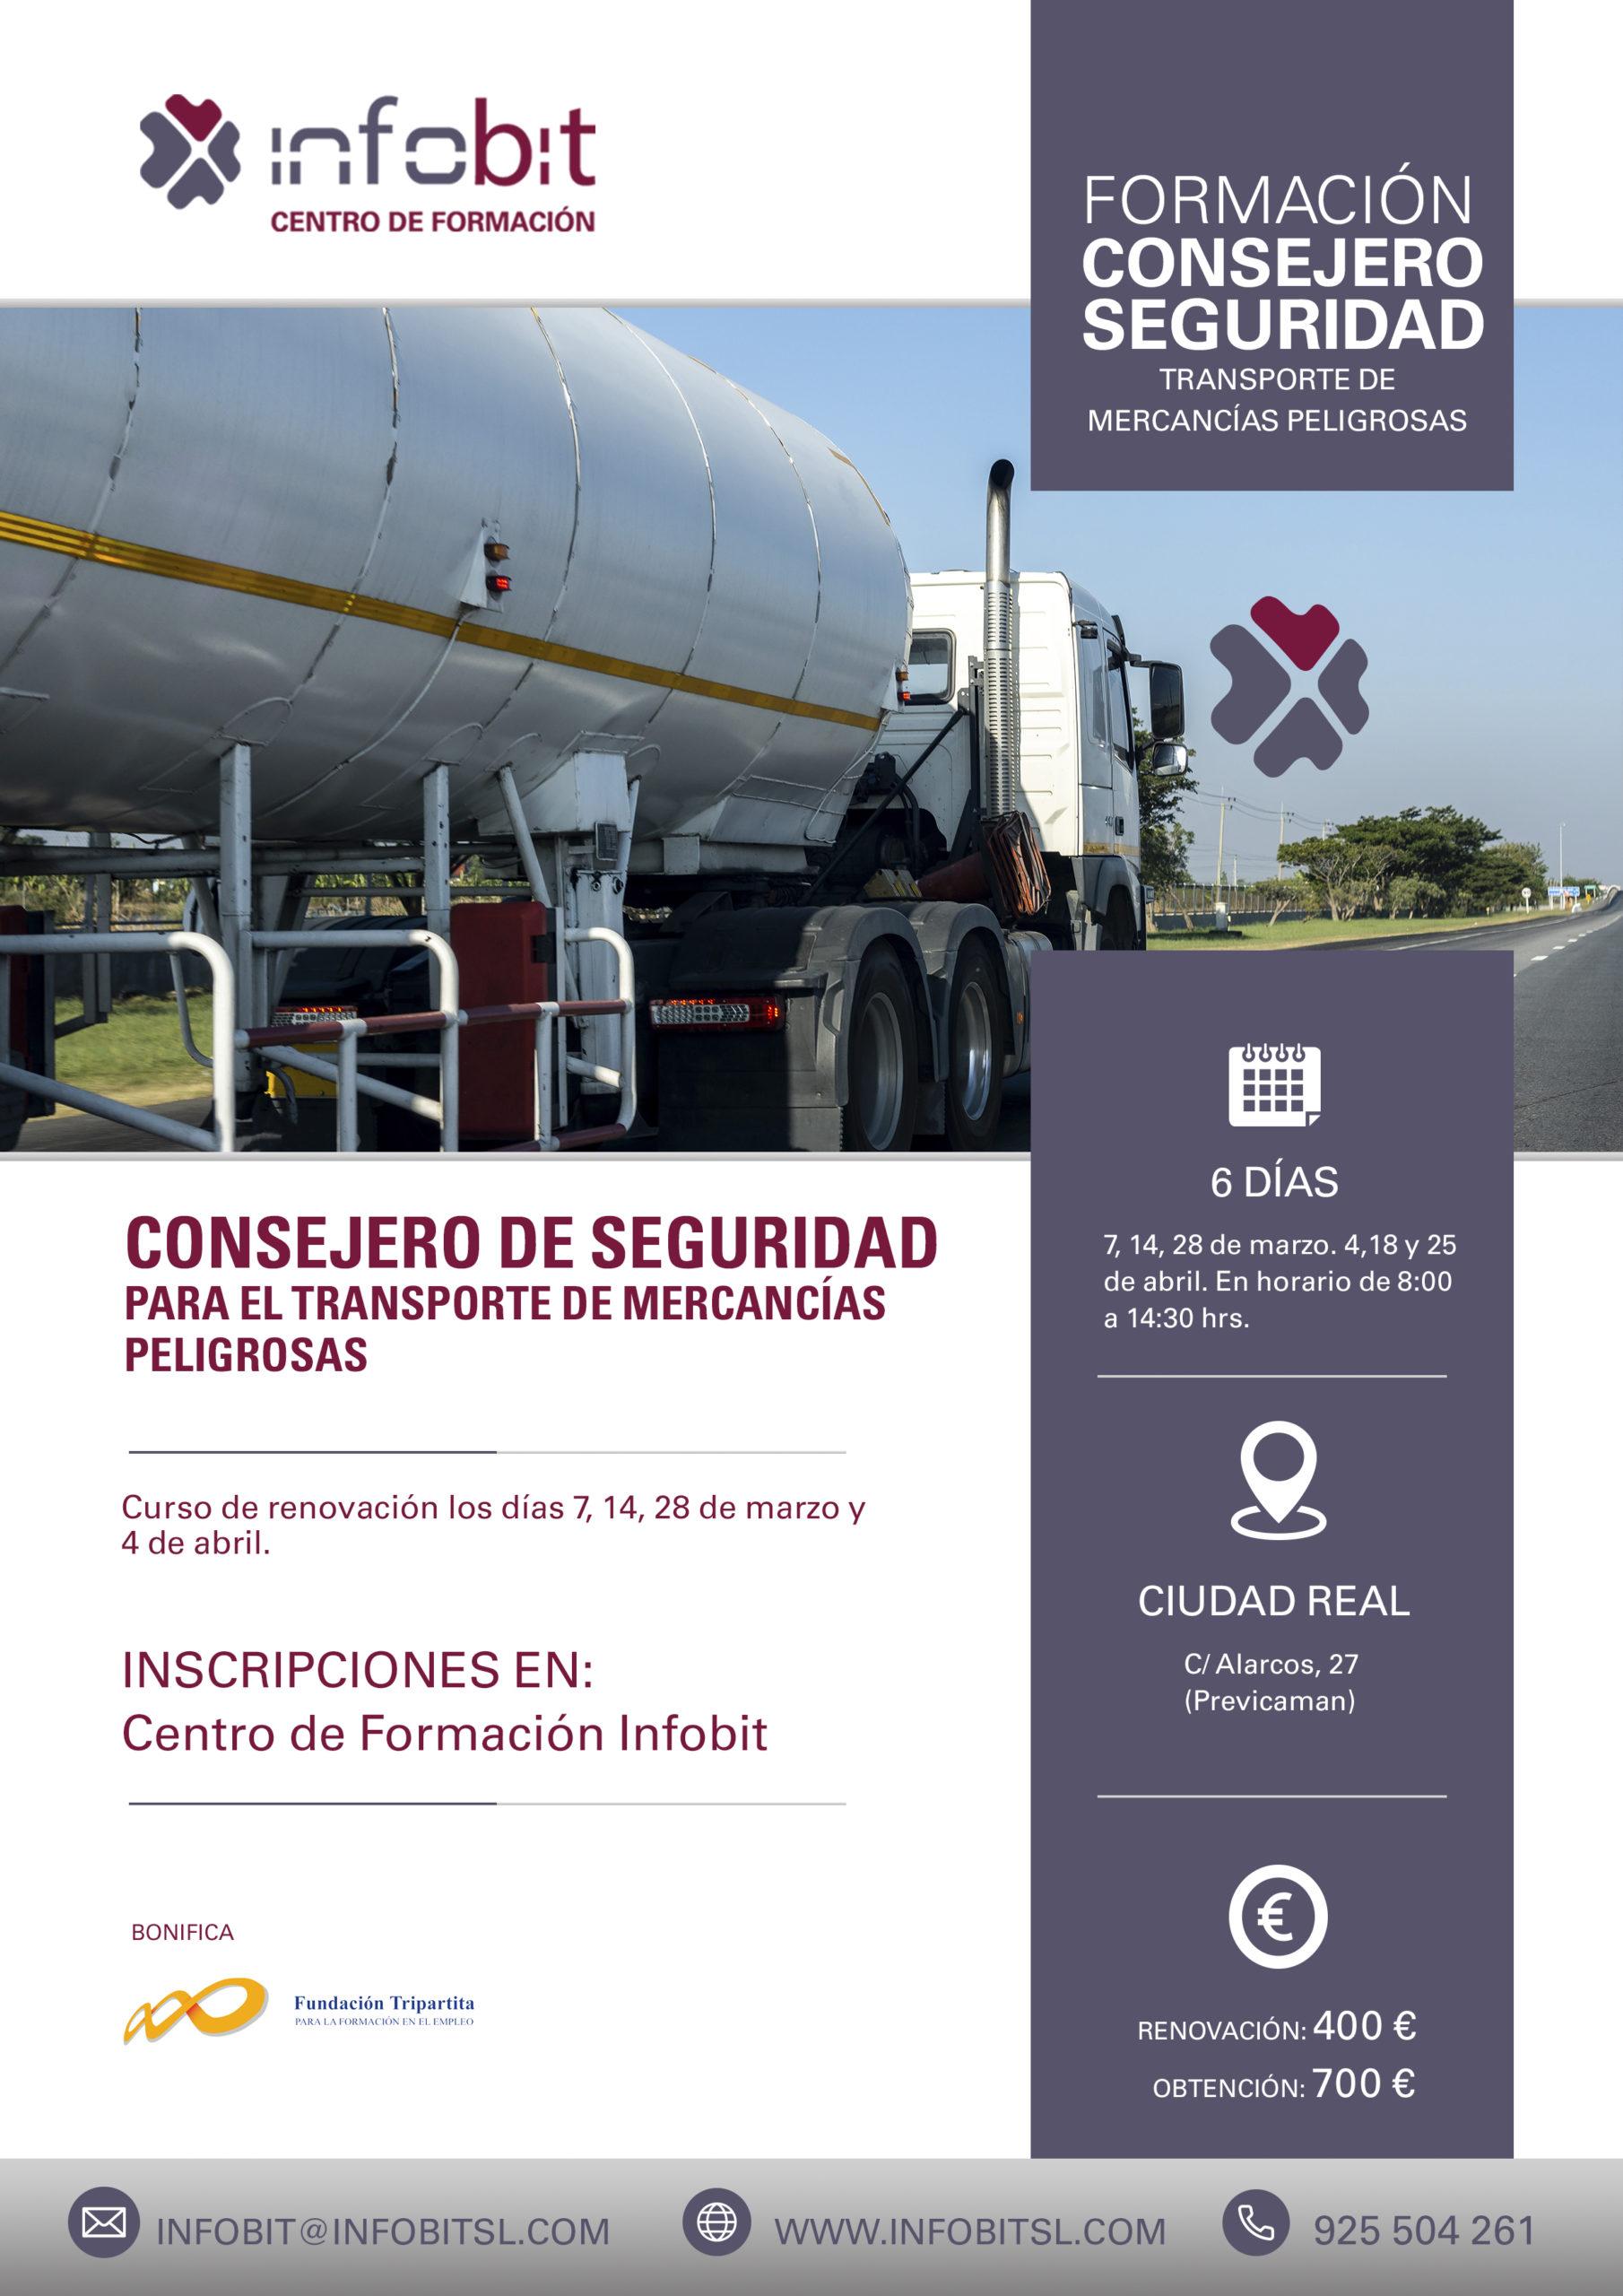 CONSEJERO SEGURIDAD, Transporte De Mercancías Peligrosas